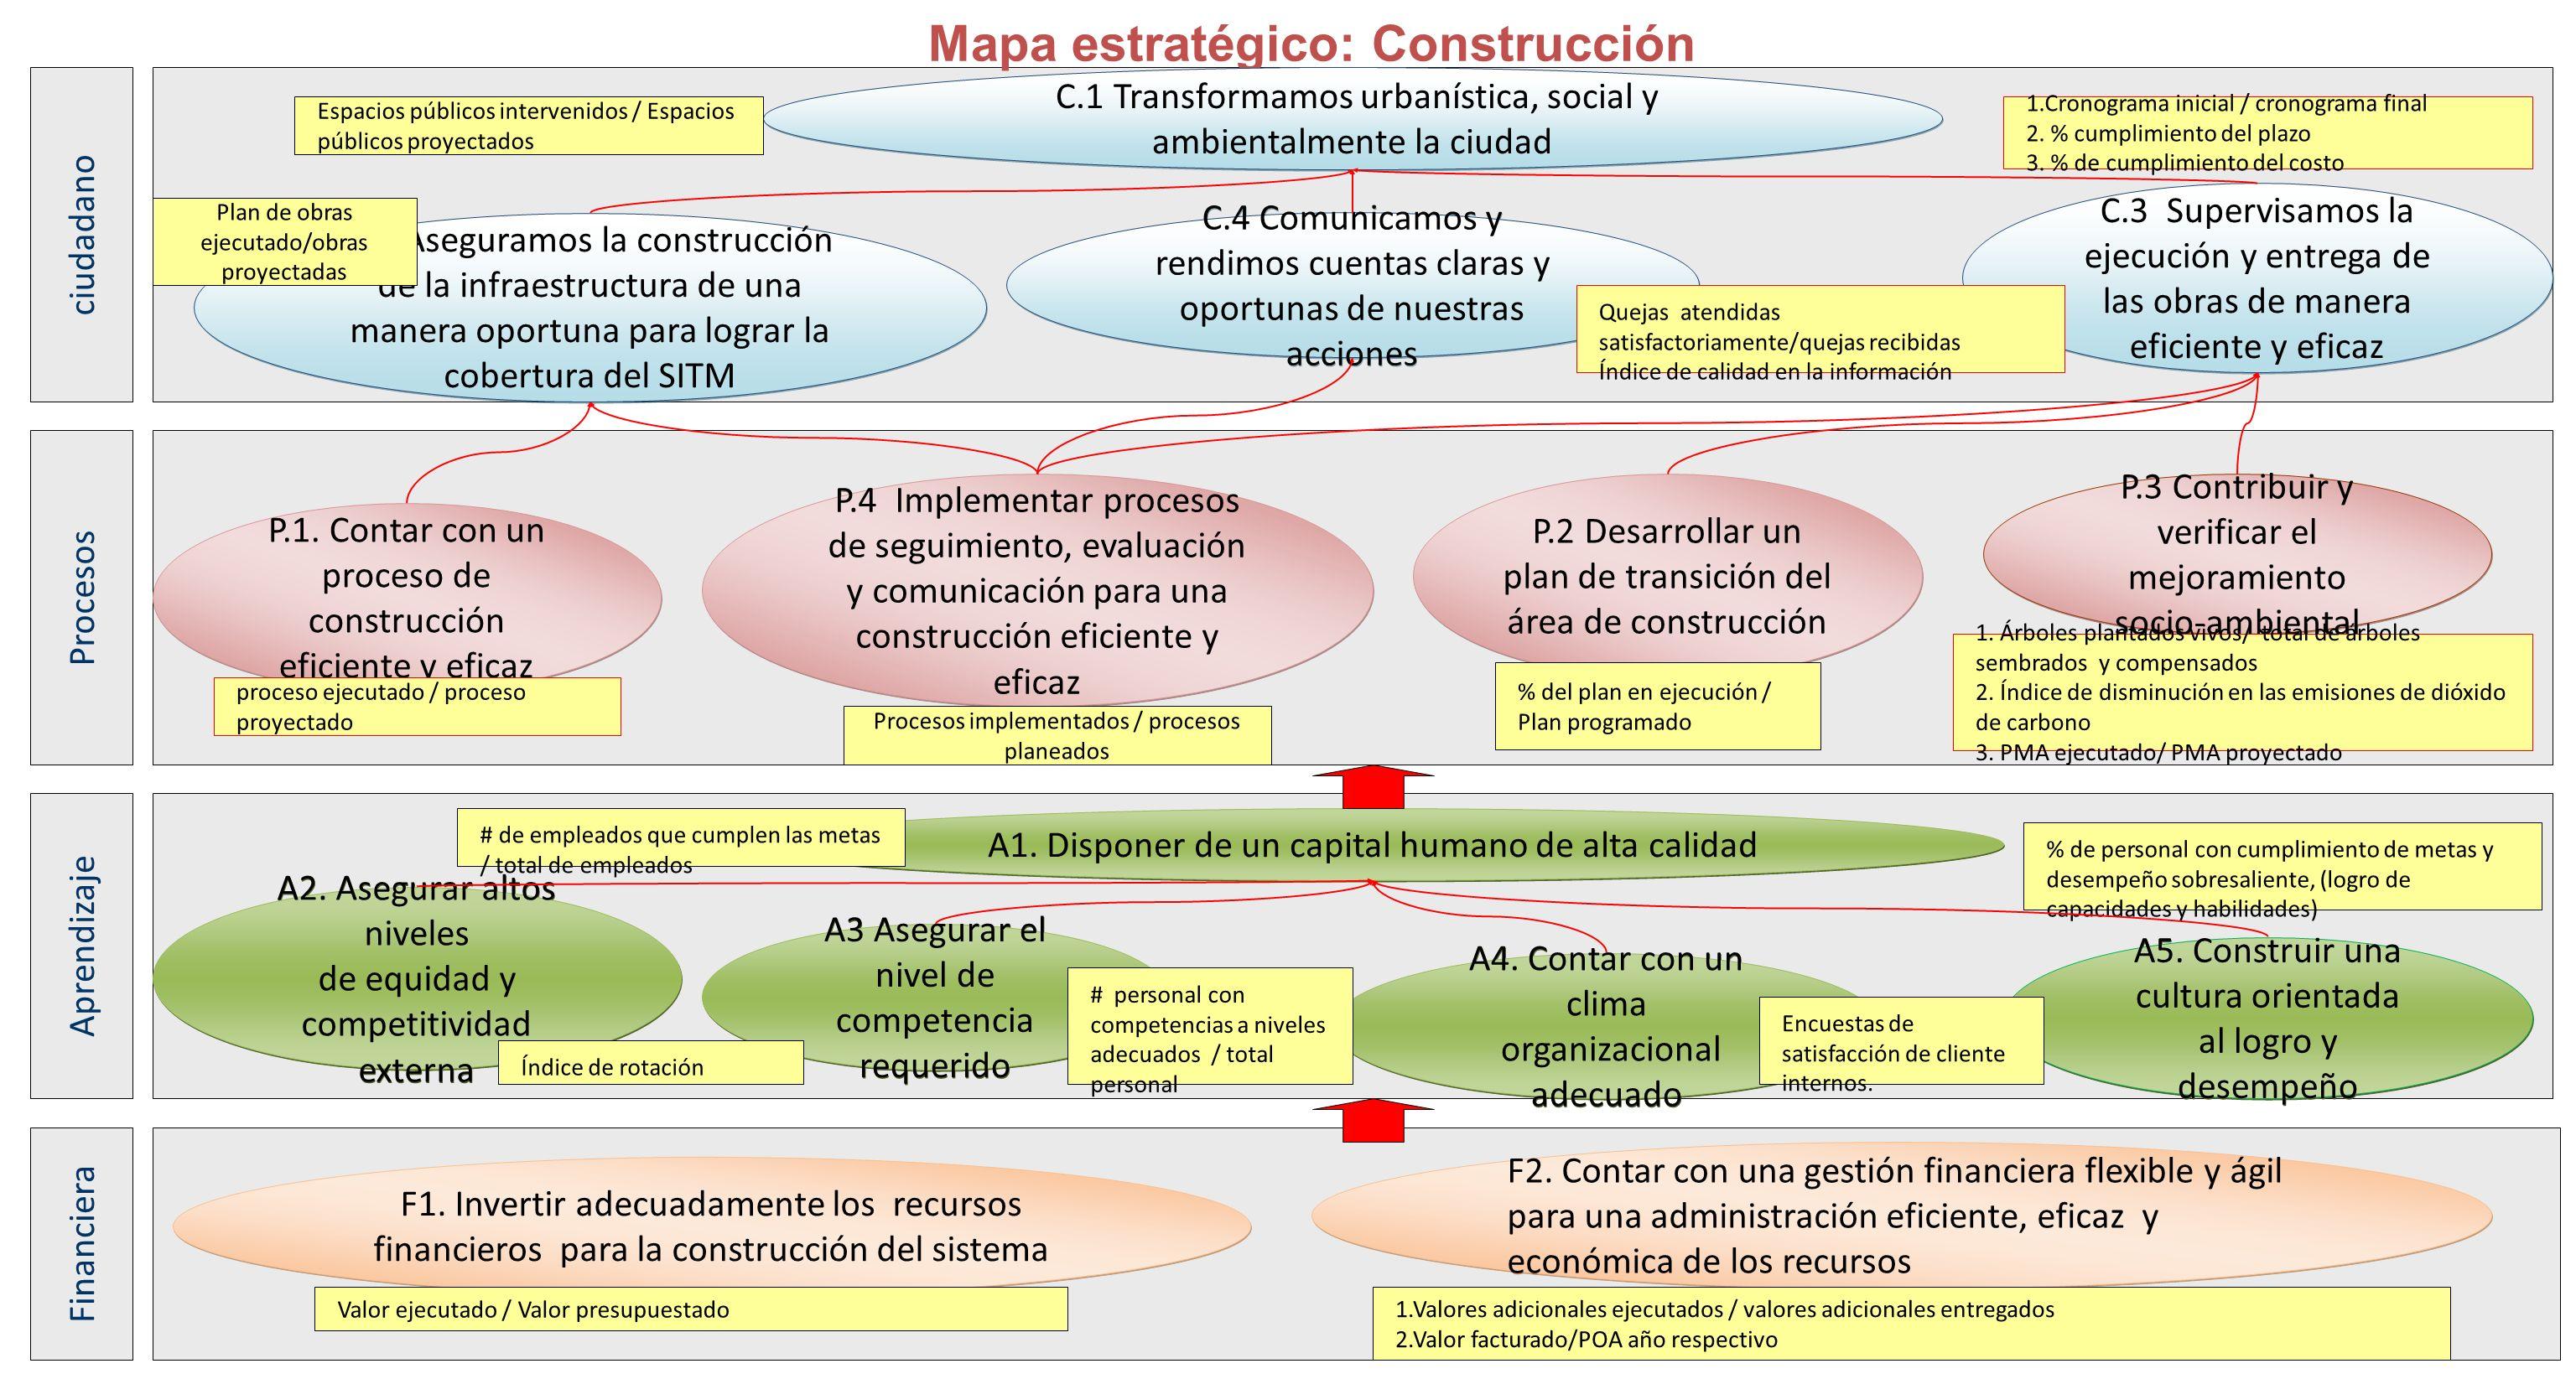 MACROPROCESO DE GESTIÓN DEL TALENTO HUMANO PLANEACION DEL TALENTO HUMANO SELECCIÓN, VINCULACION Y RETIRO CAPACITACION Y ESTIMULO EVALUACION DEL DESEMPEÑO LABORAL LIQUIDACIONES LABORALES GESTION DE SEGURIDAD SOCIAL INTEGRAL MACROPROCESO DE GESTIÓN DEL TALENTO HUMANO Objetivo: Definir estrategias y parámetros para el ingreso, la permanencia y el desarrollo personal, con el fin de garantizar servidores públicos íntegros competentes, abiertos al cambio y comprometidos con el cumplimiento de los principios de la función administrativa, dentro del contexto de una gestión al servicio de la comunidad y de acuerdo con los lineamientos establecidos por las leyes vigentes.